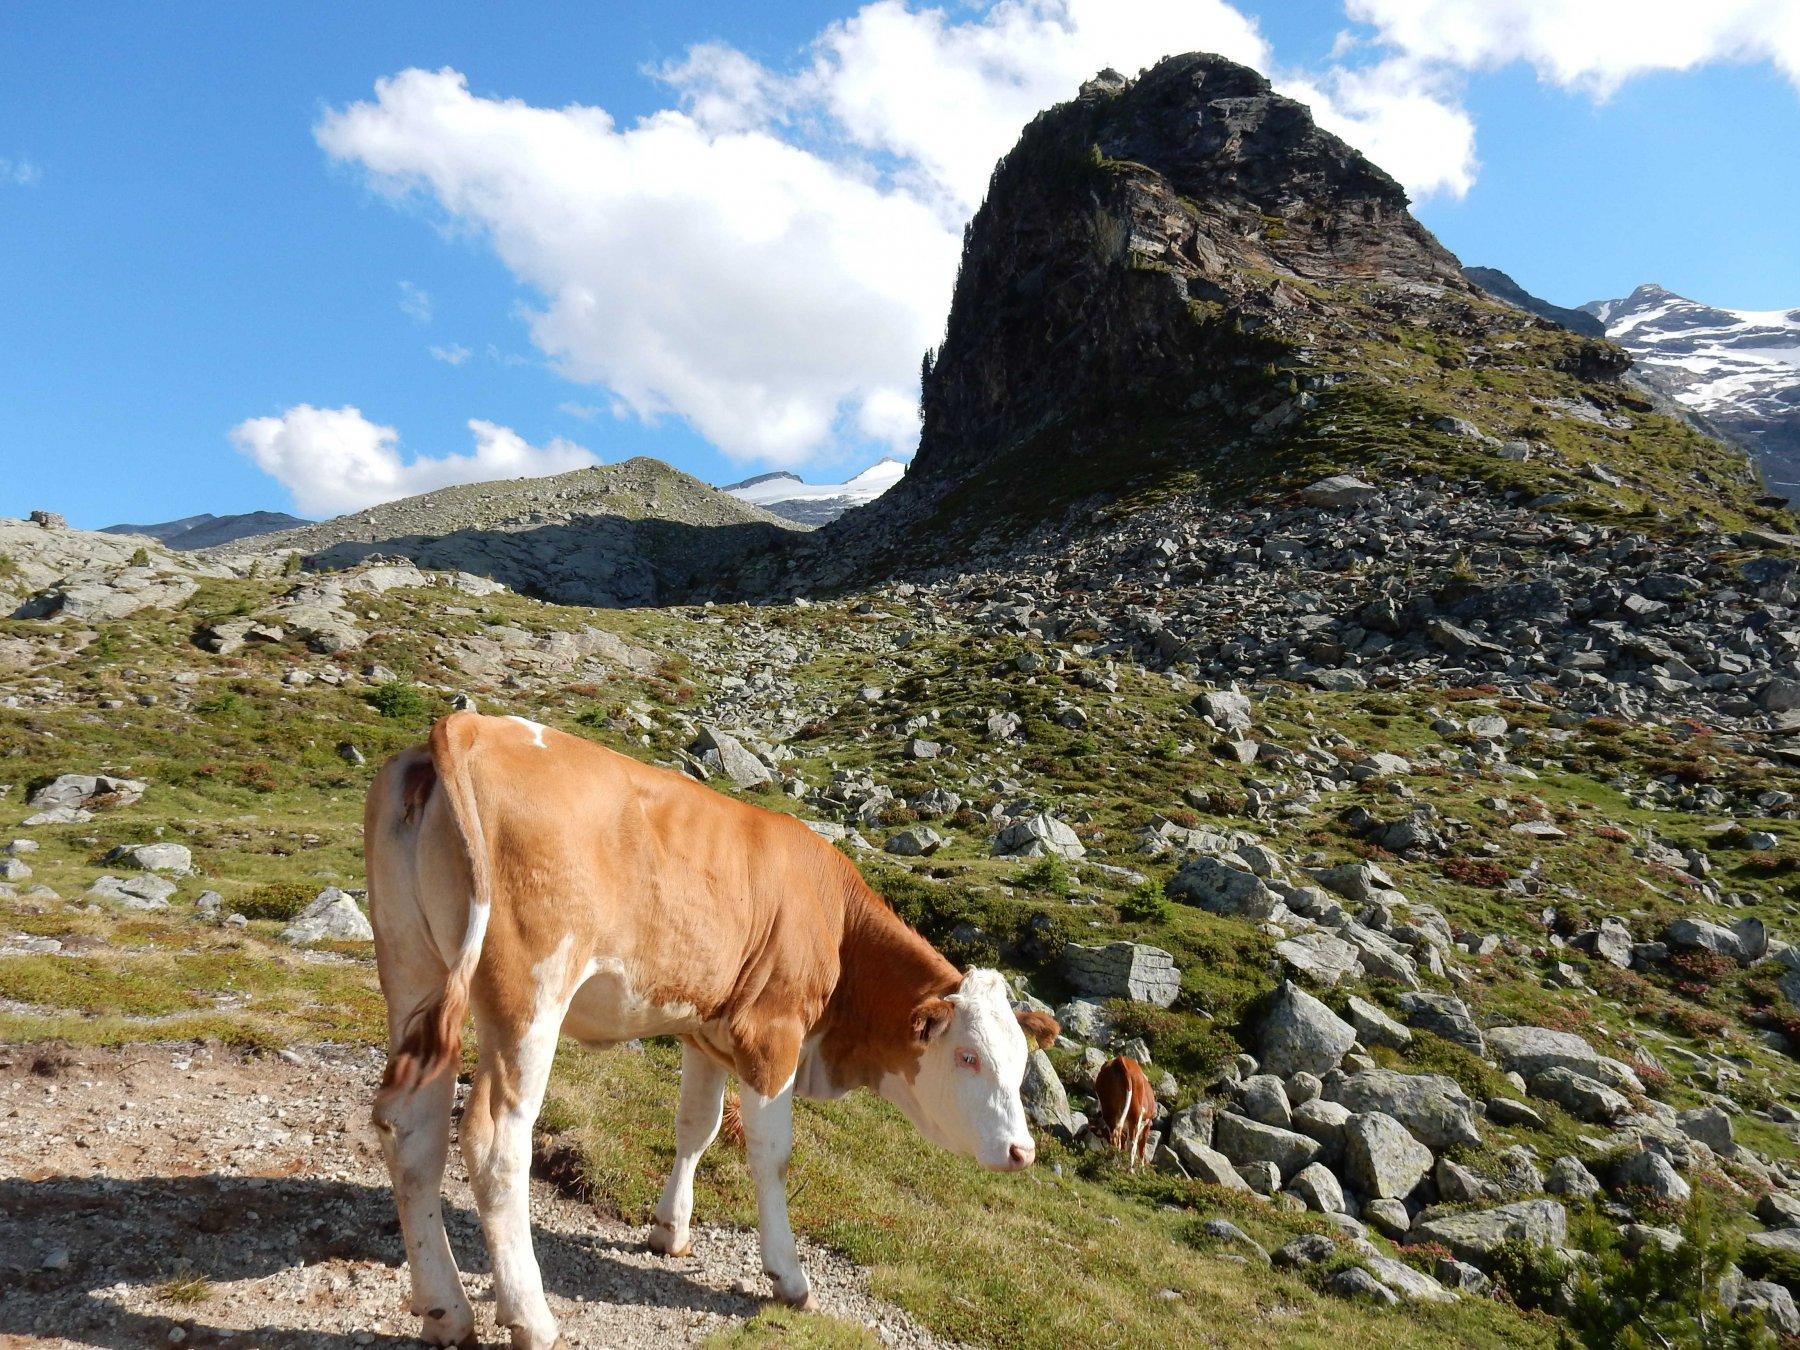 Vacca con lo scoglio roccioso del Tristennockl.